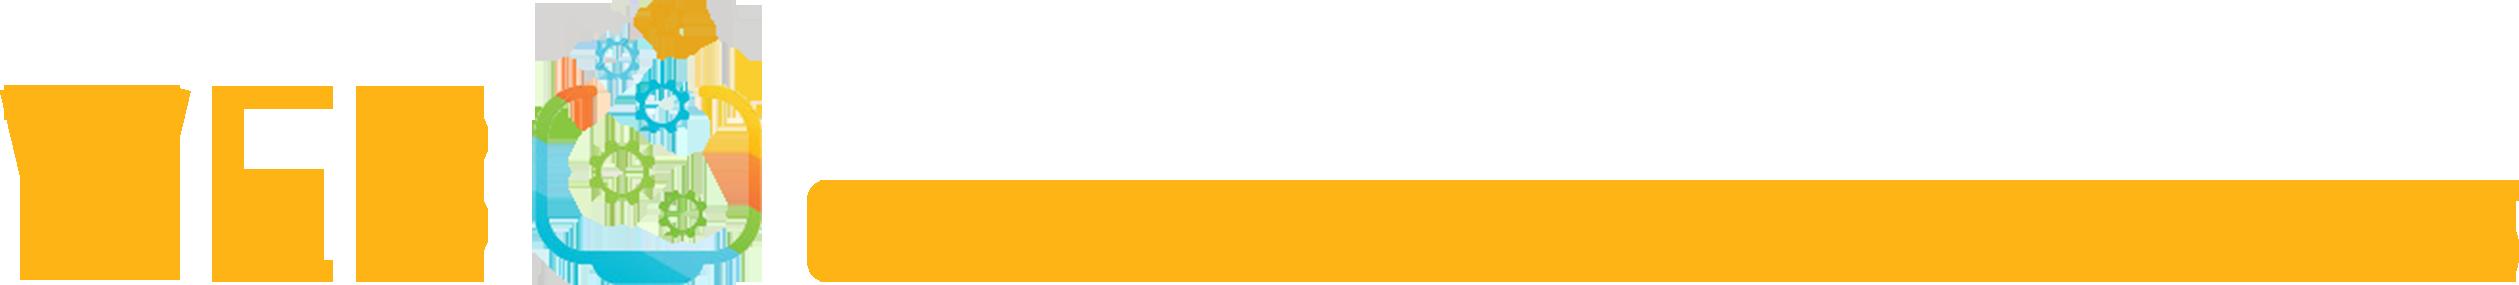 Разработка, техническая поддержка и продвижение сайтов в России и СНГ